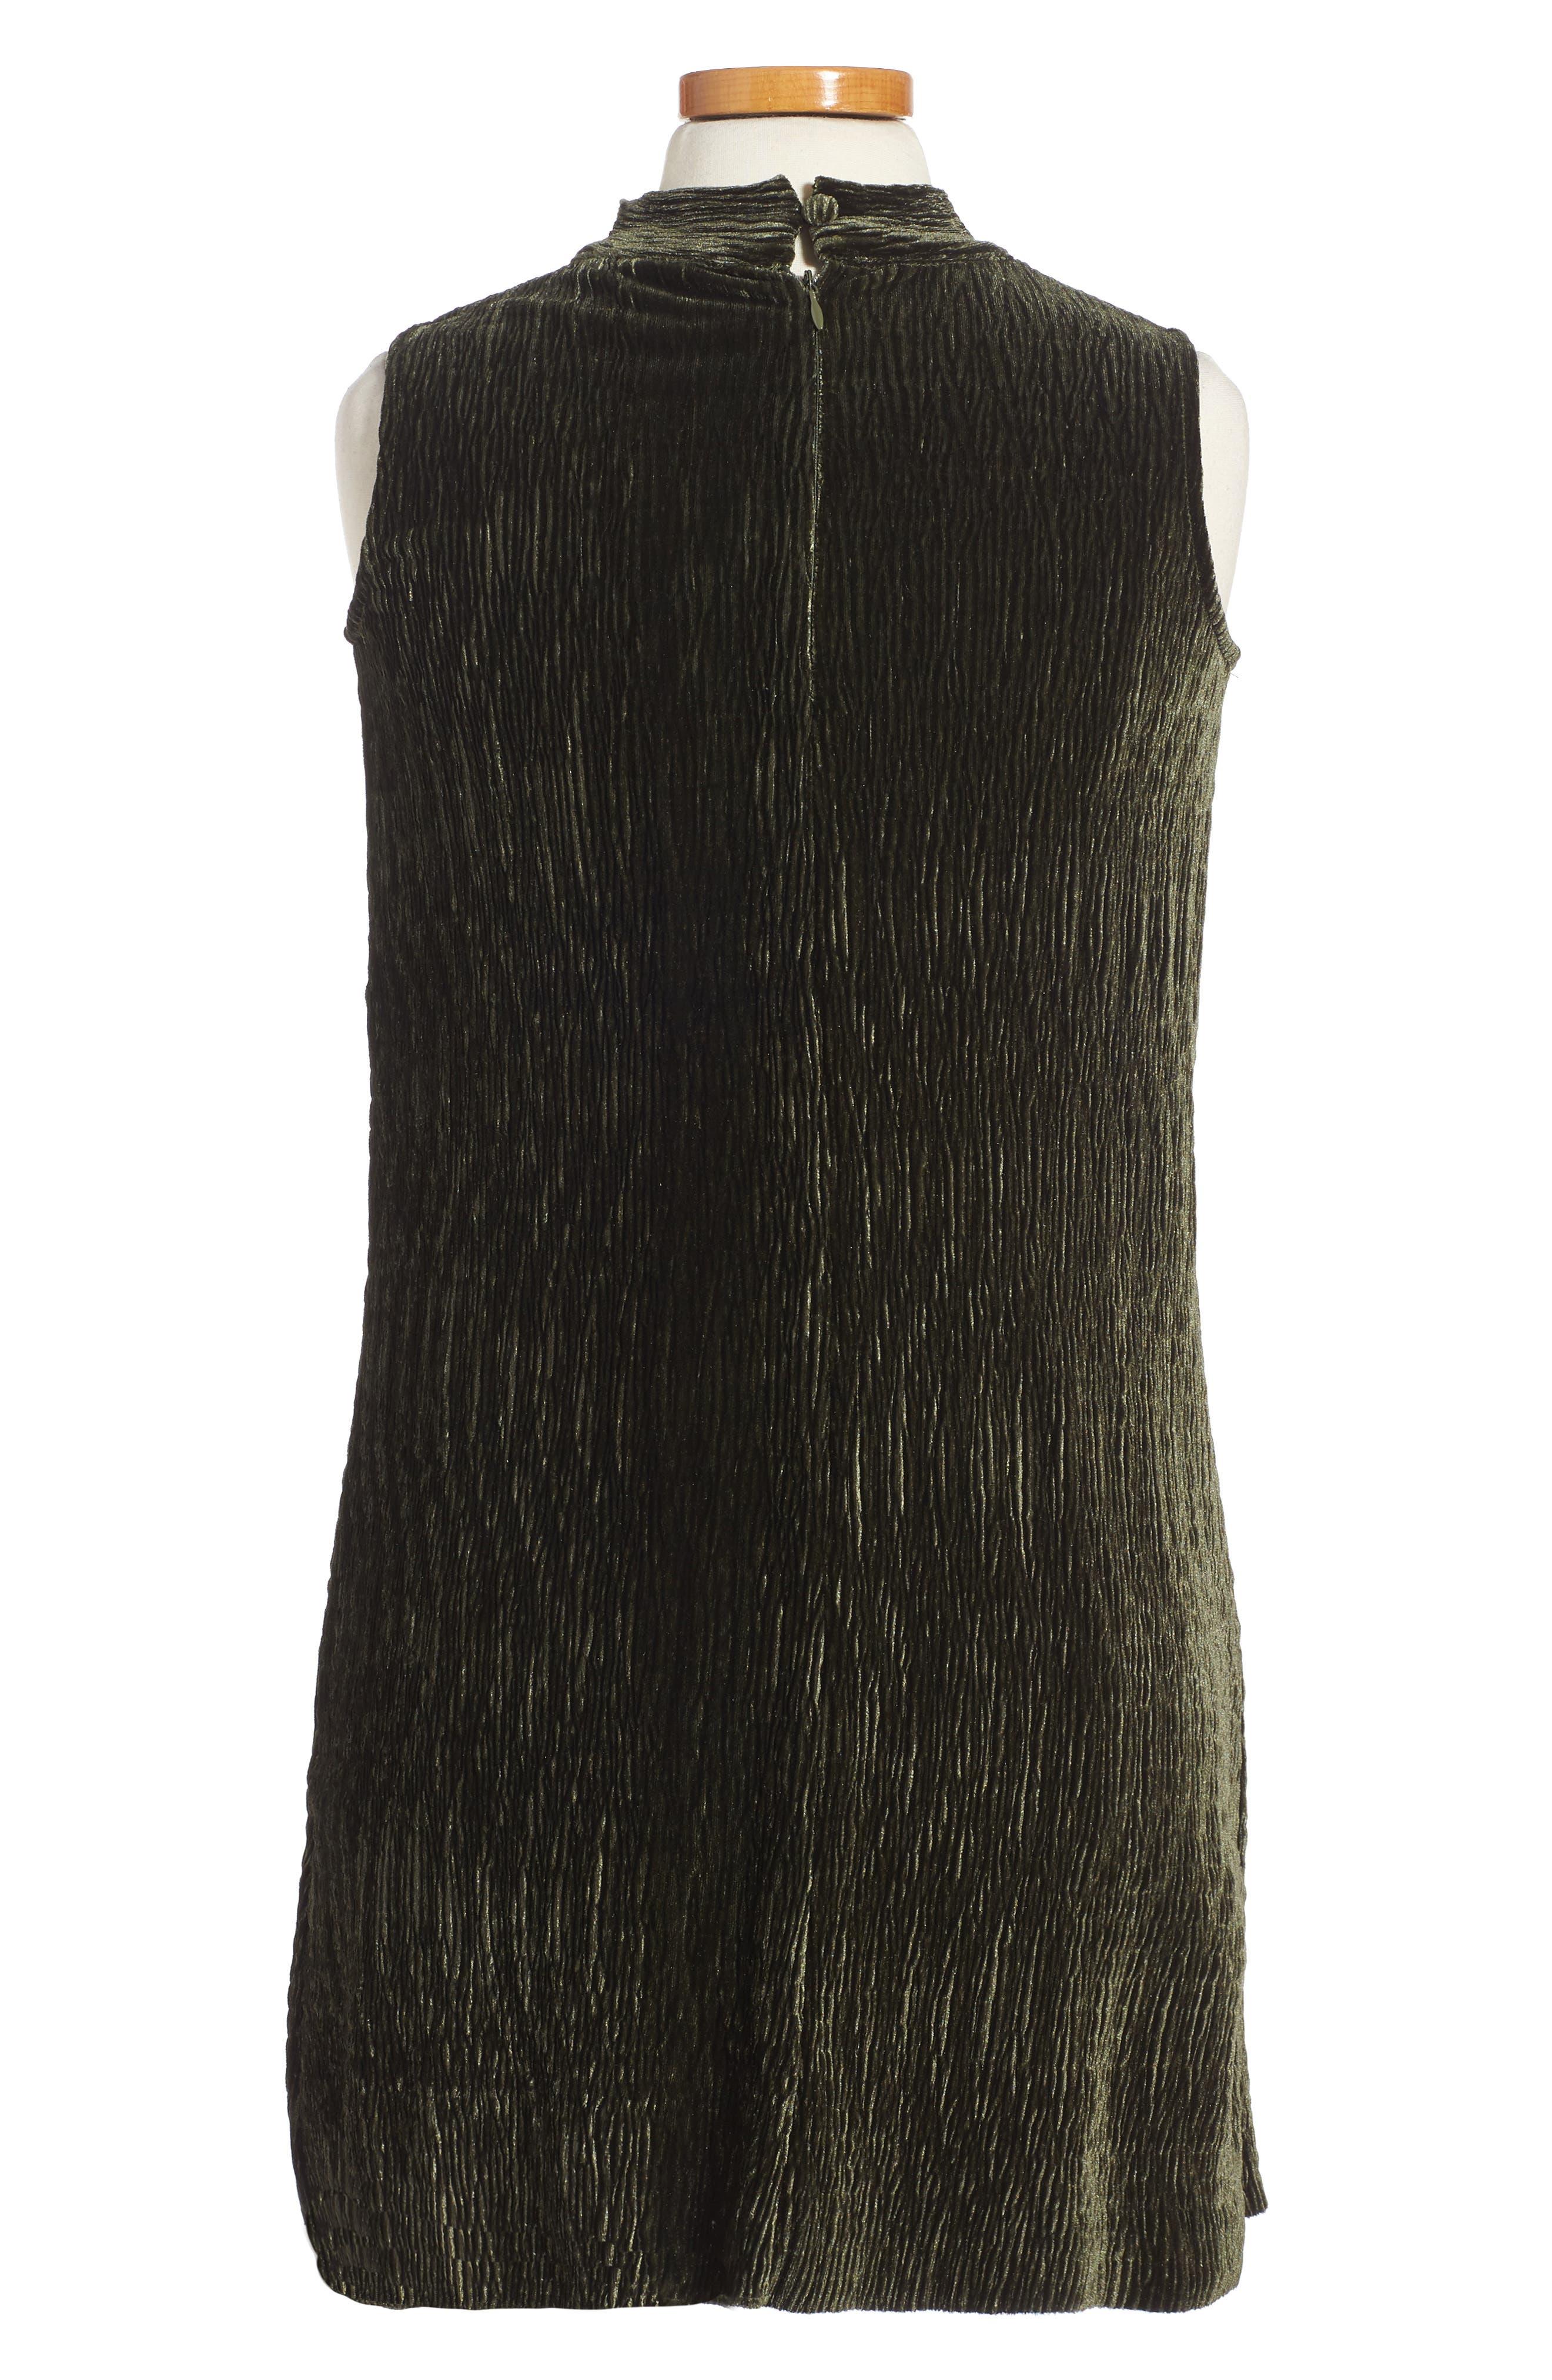 Mock Neck Dress,                             Alternate thumbnail 2, color,                             Olive